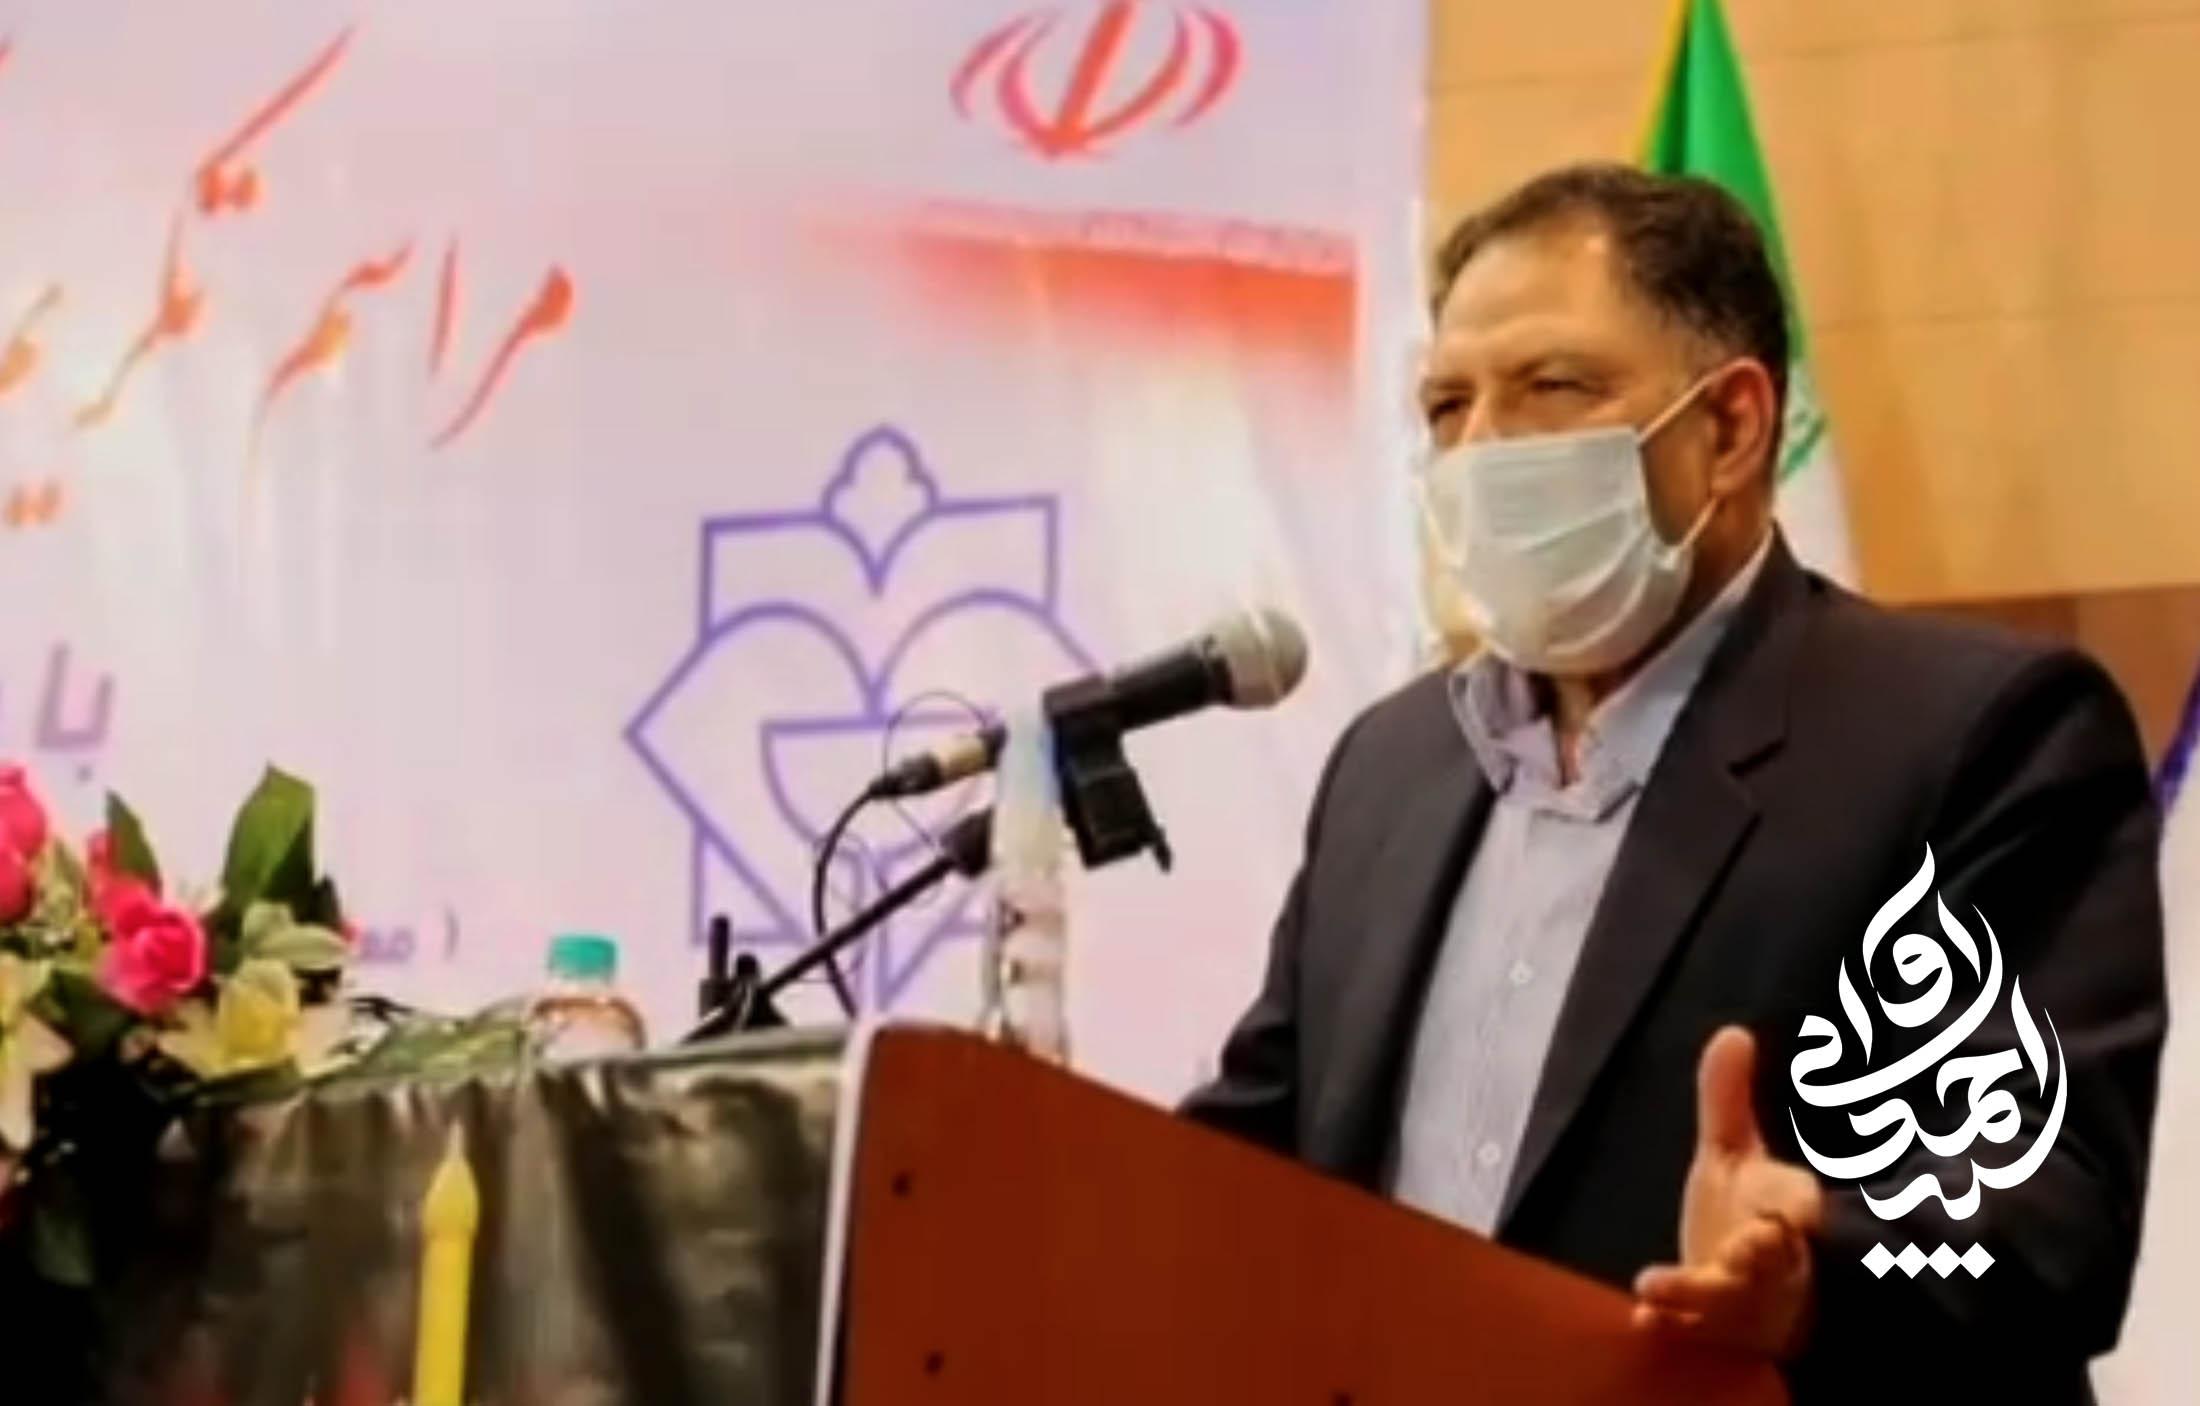 گزارش ویدئویی-حضور سید احمد آوایی در مراسم تکریم و معارفه ریاست دانشگاه علوم پزشکی شهرستان دزفول